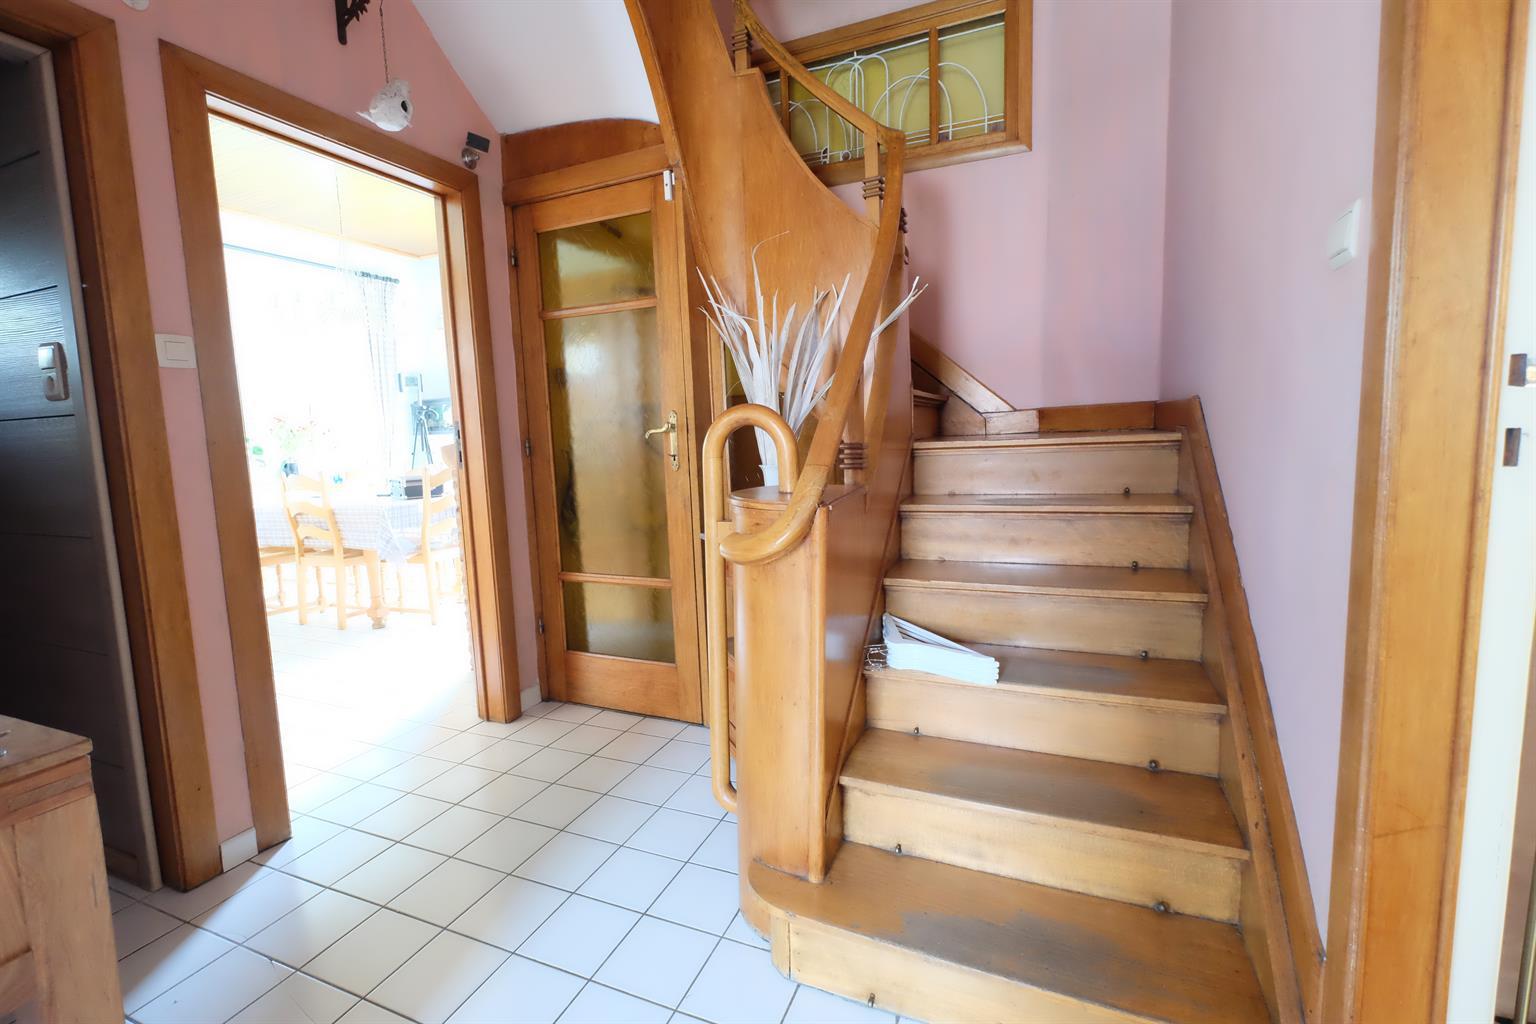 Maison de maître - Tubize - #4083686-2